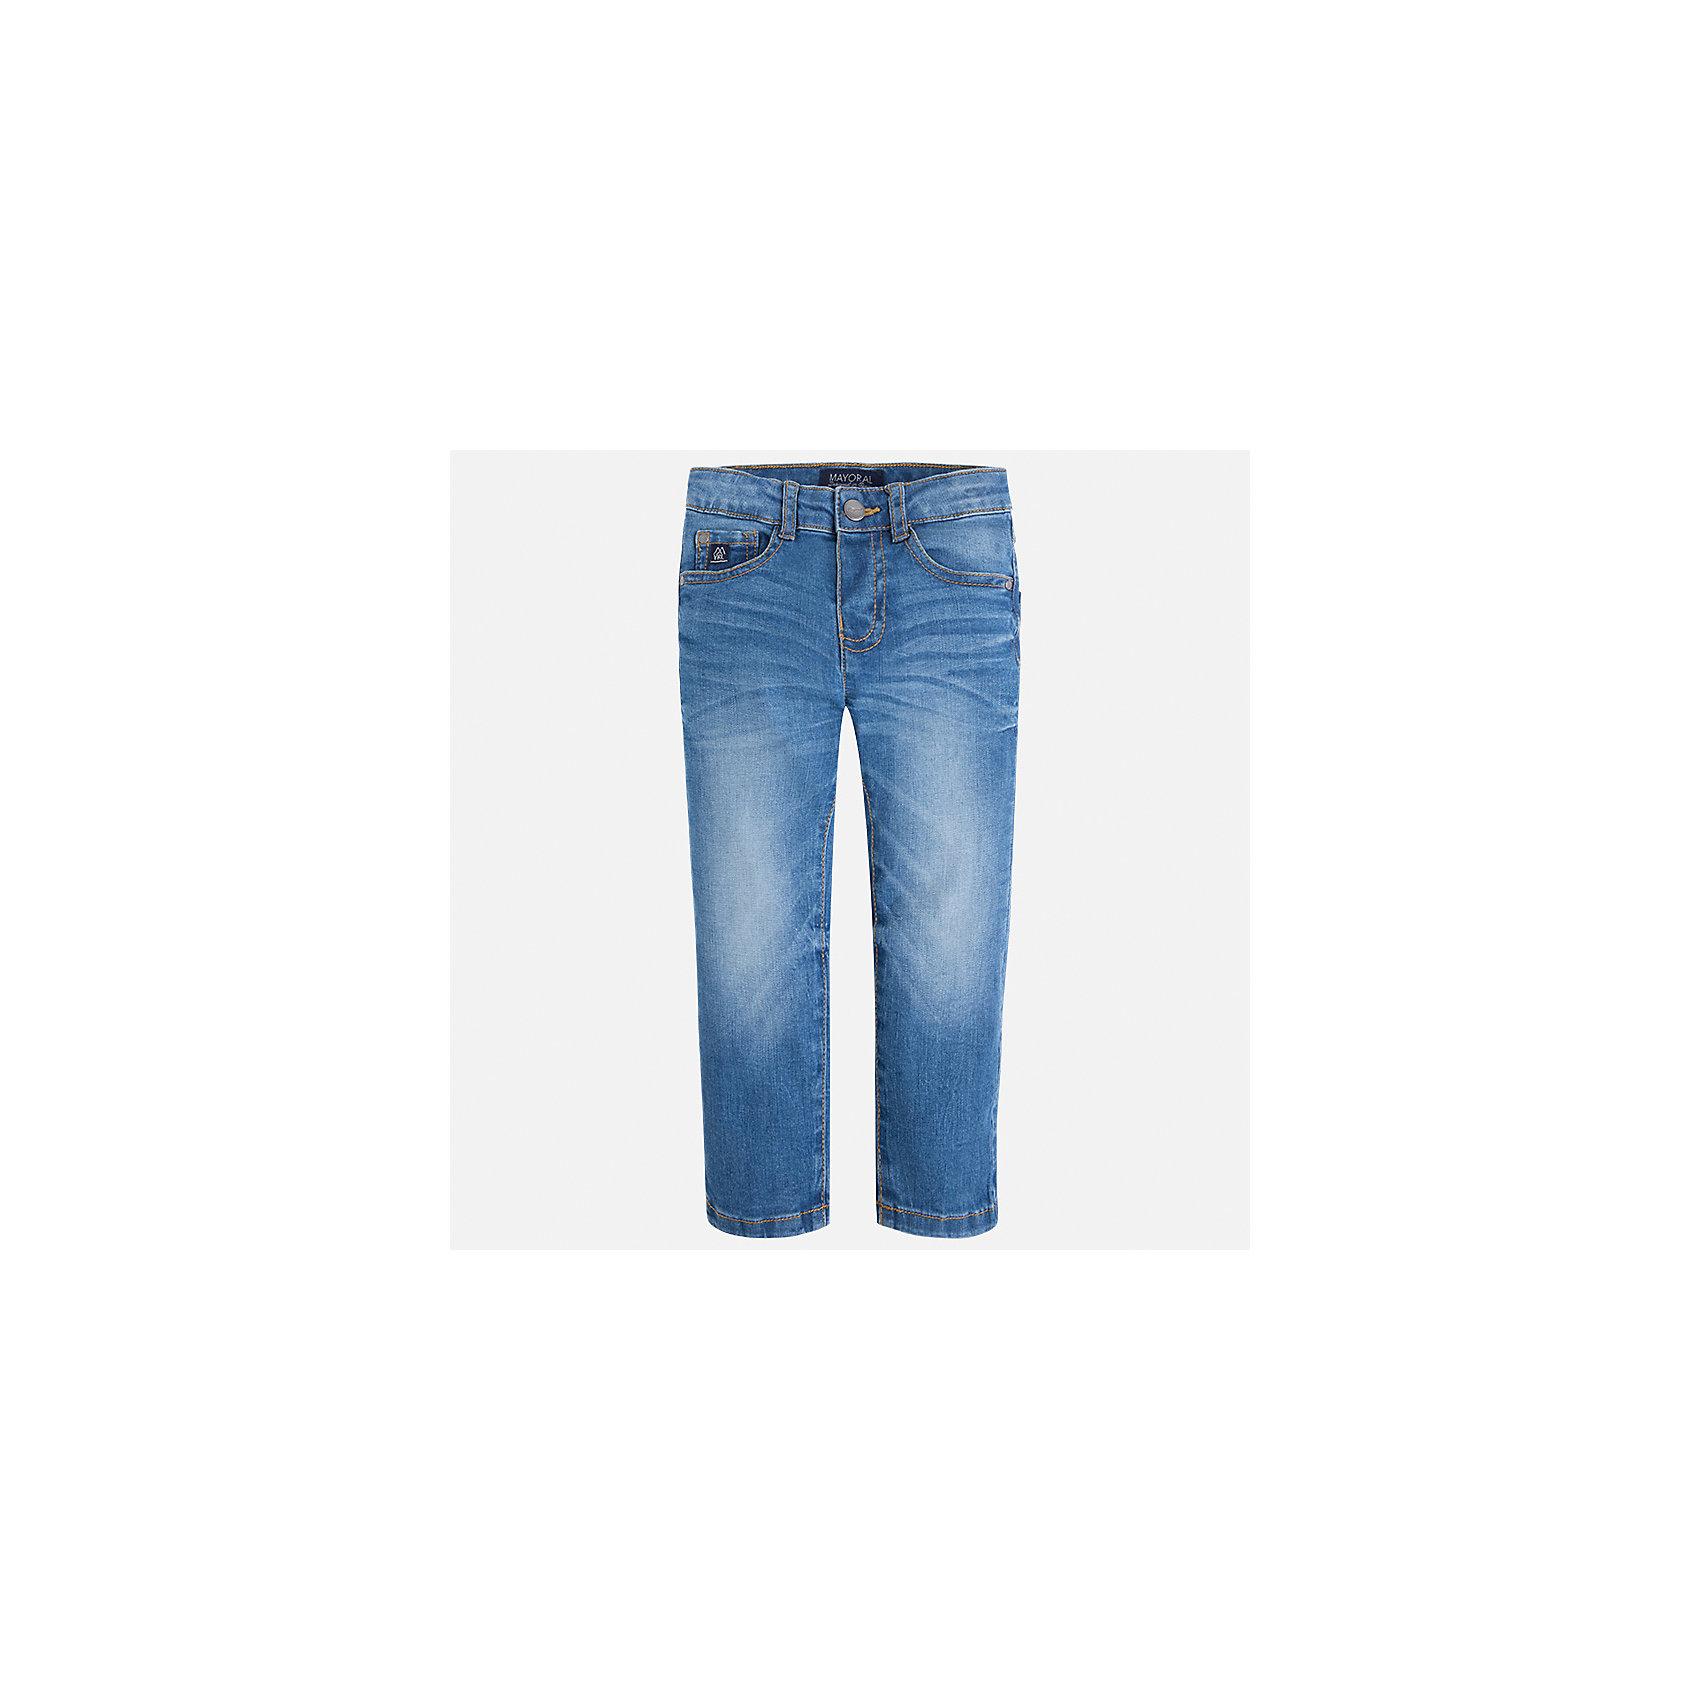 Джинсы для мальчика MayoralДжинсовая одежда<br>Характеристики товара:<br><br>• цвет: синий<br>• состав: 99% хлопок, 1% эластан<br>• шлевки<br>• карманы<br>• пояс с регулировкой объема<br>• эффект потертостей<br>• страна бренда: Испания<br><br>Джинсовые брюки для мальчика смогут стать базовой вещью в гардеробе ребенка. Они отлично сочетаются с майками, футболками, куртками и т.д. Универсальный крой и цвет позволяет подобрать к вещи верх разных расцветок. Практичное и стильное изделие! В составе материала - натуральный хлопок, гипоаллергенный, приятный на ощупь, дышащий.<br><br>Одежда, обувь и аксессуары от испанского бренда Mayoral полюбились детям и взрослым по всему миру. Модели этой марки - стильные и удобные. Для их производства используются только безопасные, качественные материалы и фурнитура. Порадуйте ребенка модными и красивыми вещами от Mayoral! <br><br>Джинсы для мальчика от испанского бренда Mayoral (Майорал) можно купить в нашем интернет-магазине.<br><br>Ширина мм: 215<br>Глубина мм: 88<br>Высота мм: 191<br>Вес г: 336<br>Цвет: синий<br>Возраст от месяцев: 18<br>Возраст до месяцев: 24<br>Пол: Мужской<br>Возраст: Детский<br>Размер: 92,104,110,128,134,98,122,116<br>SKU: 4541073